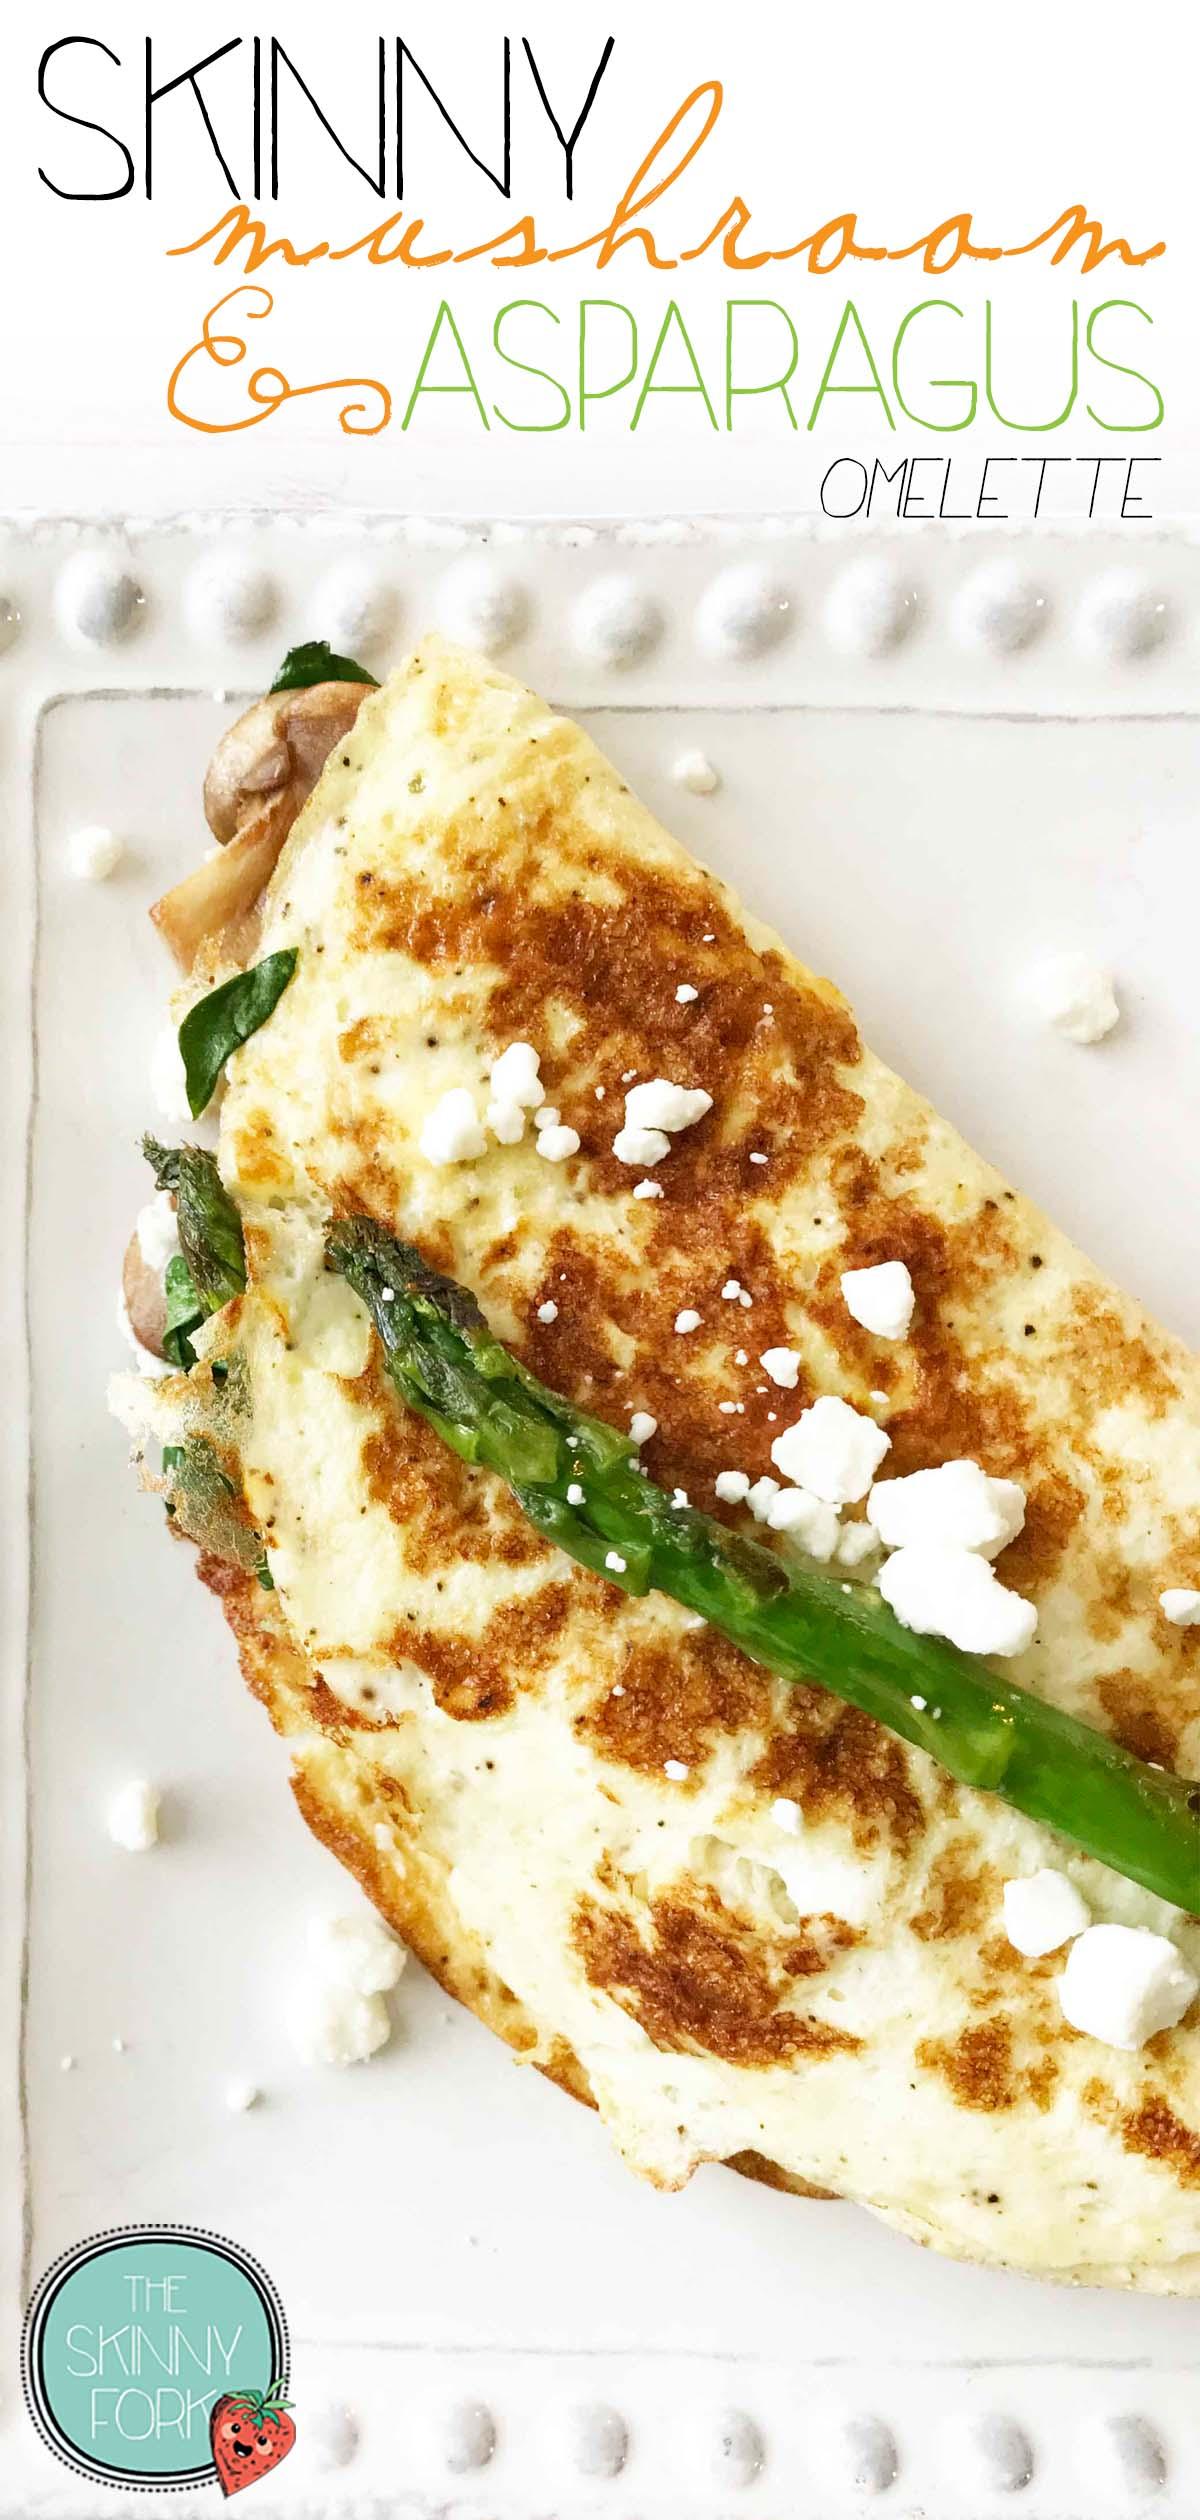 Skinny Mushroom & Asparagus Omelette